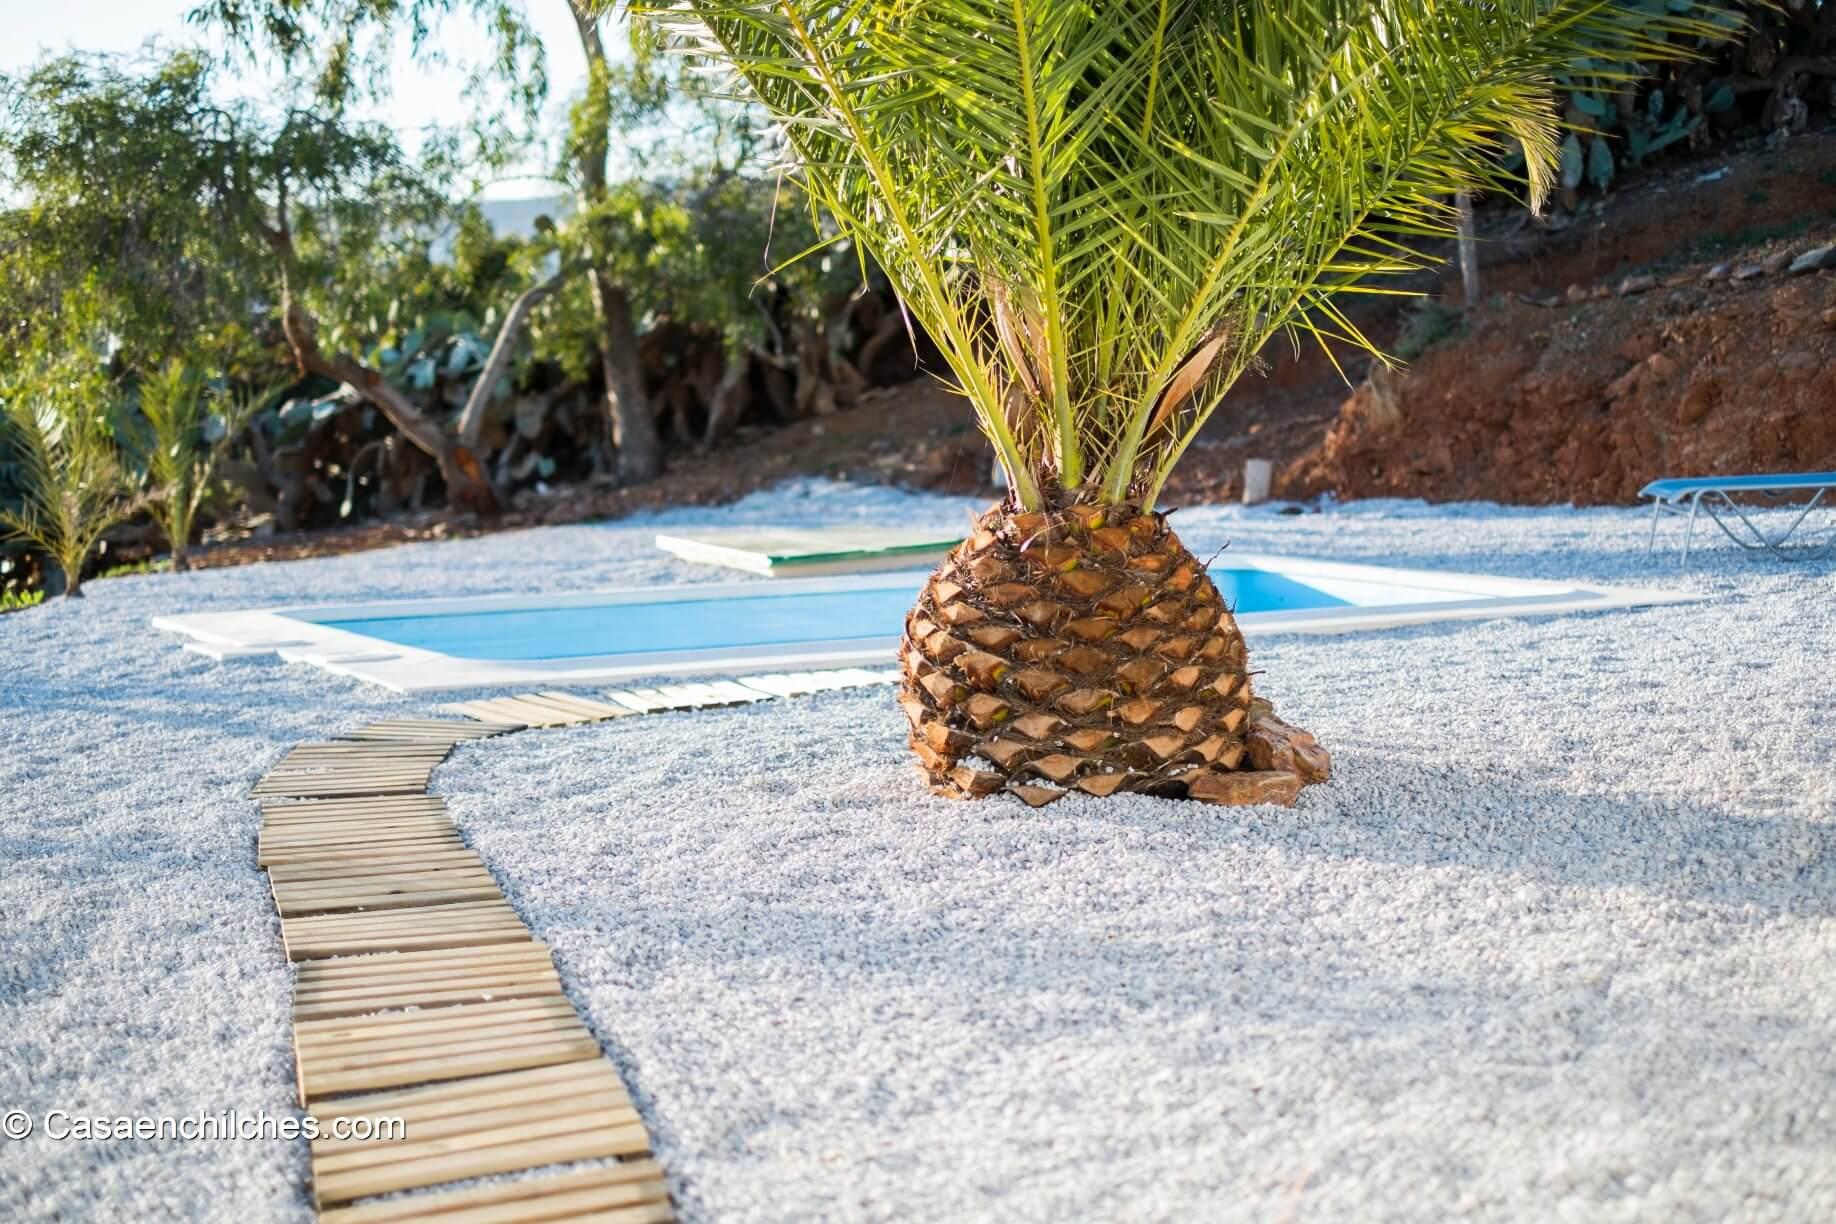 Casa Andalucía, piscina privada - CasaEnChilches.com